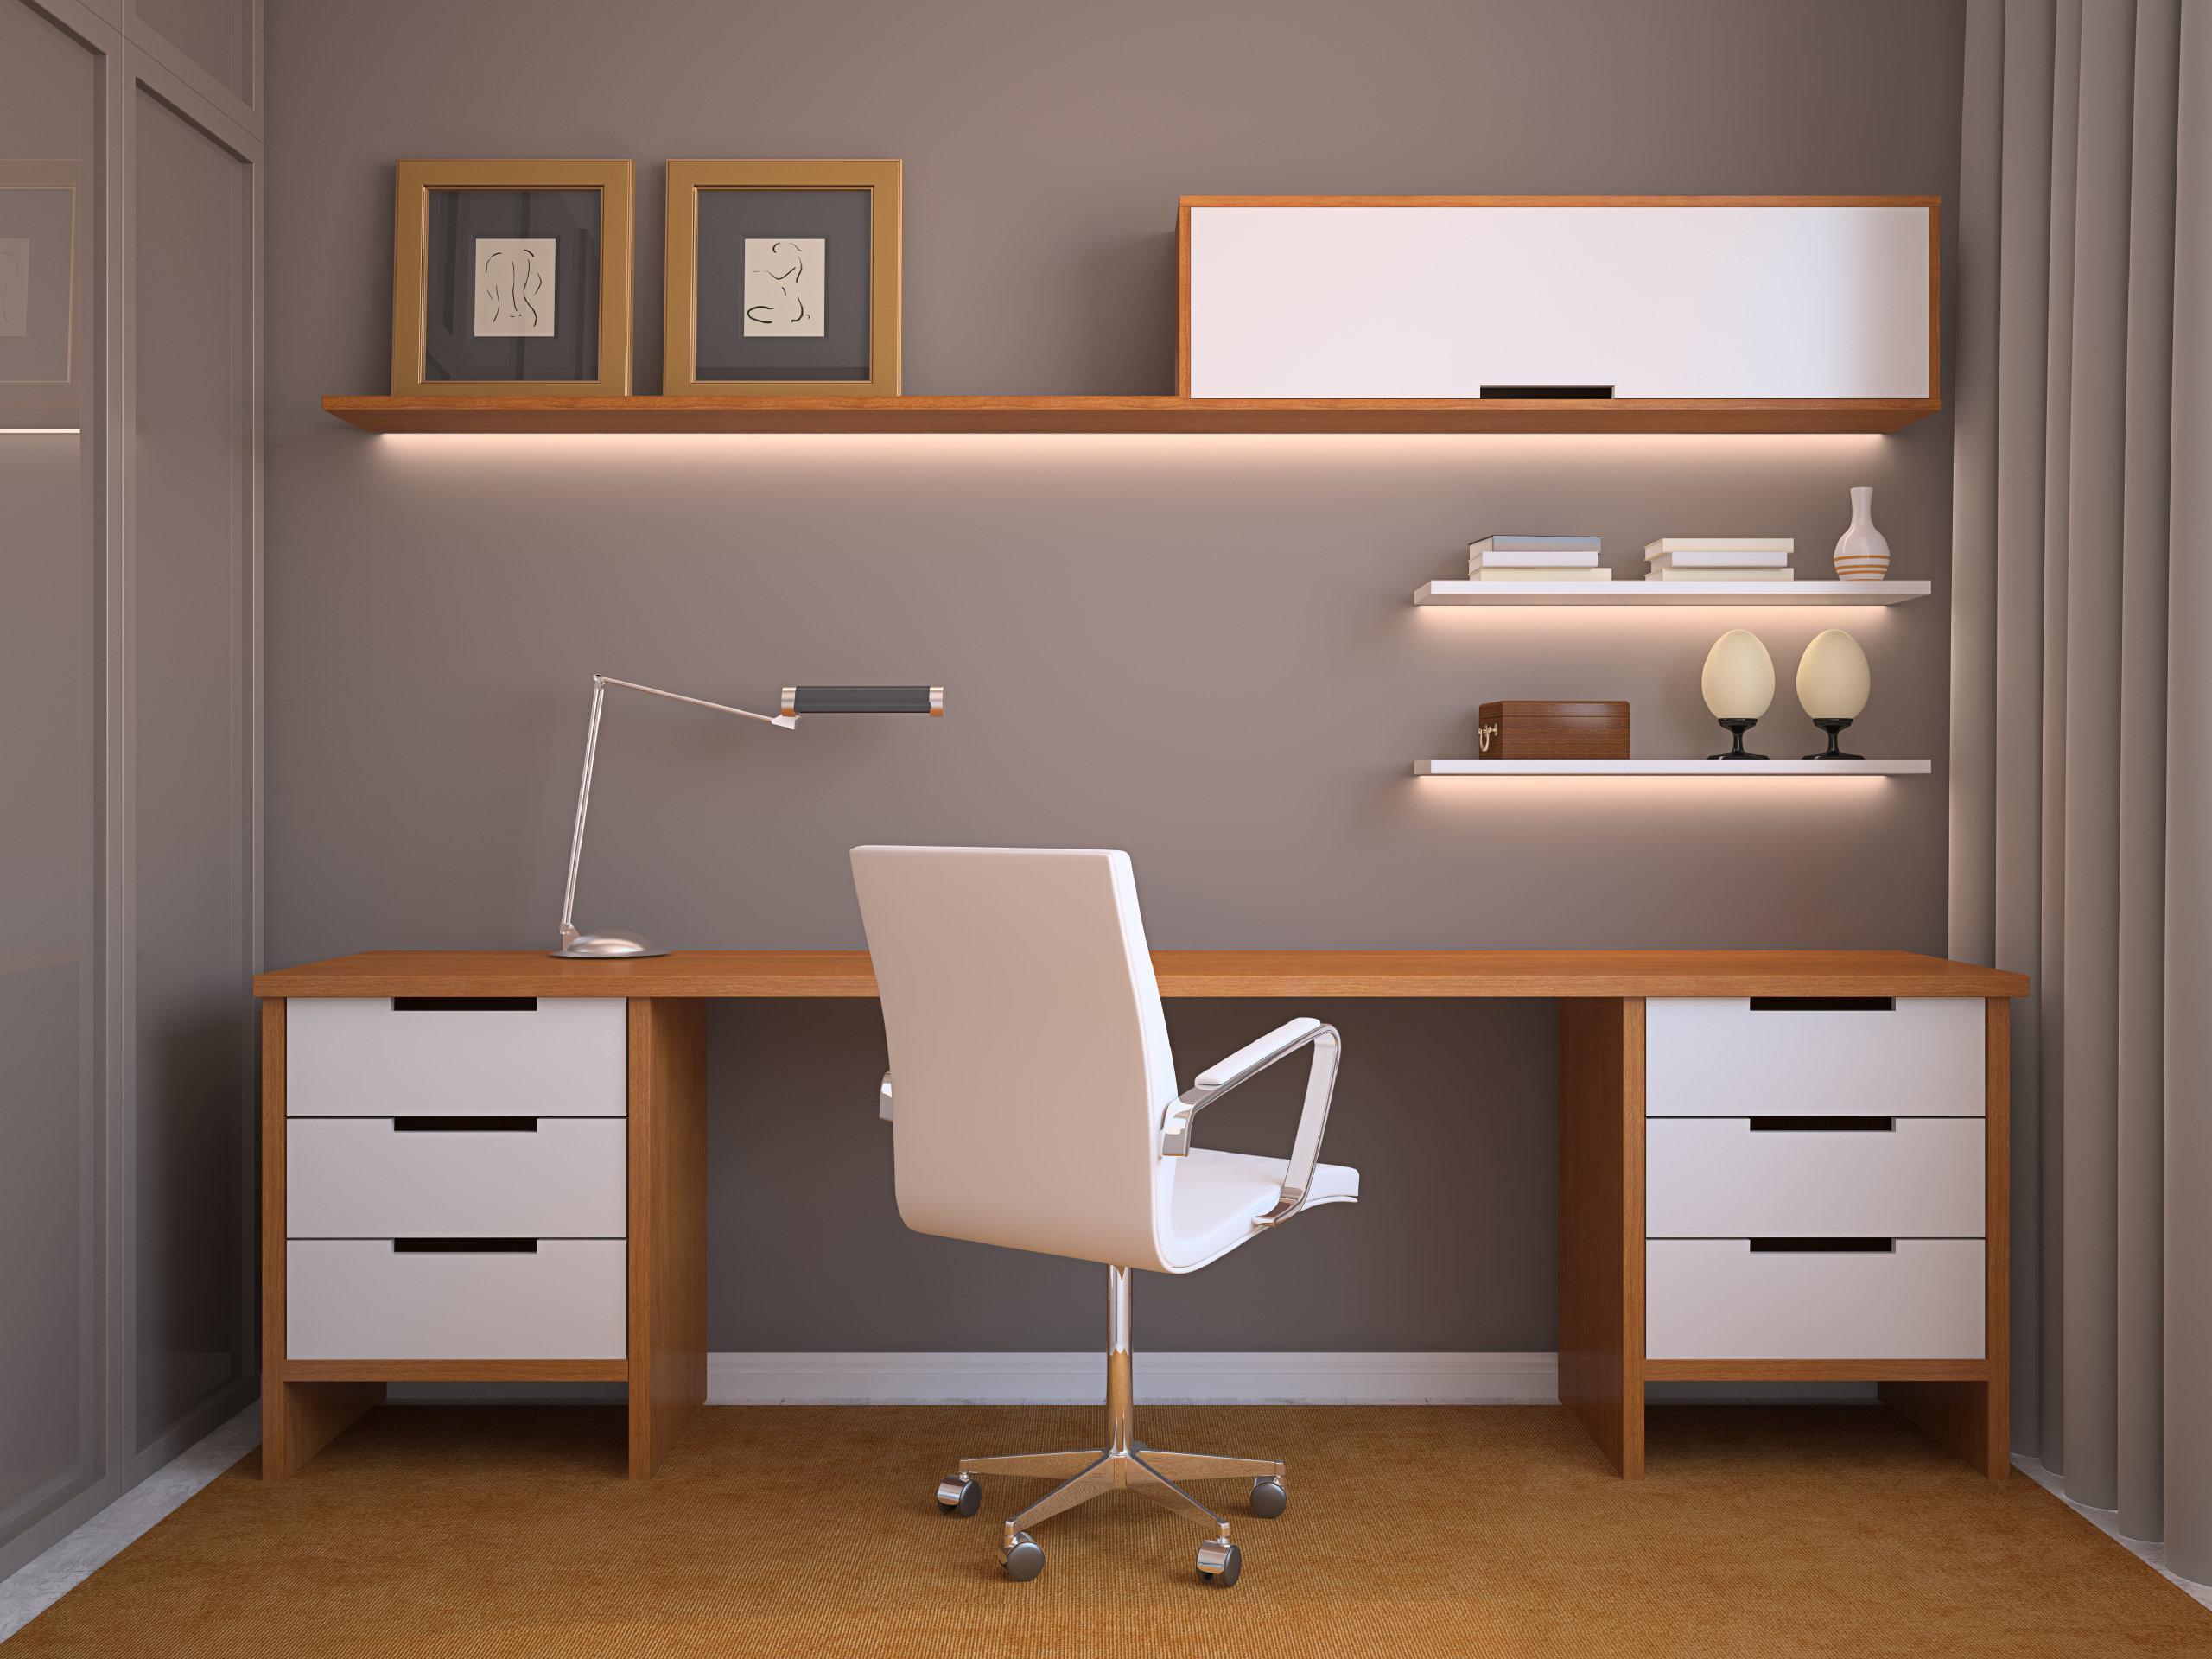 Arbeitszimmer gestaltungsmöglichkeiten  Arbeitszimmer: So richtest Du es ein | desired.de